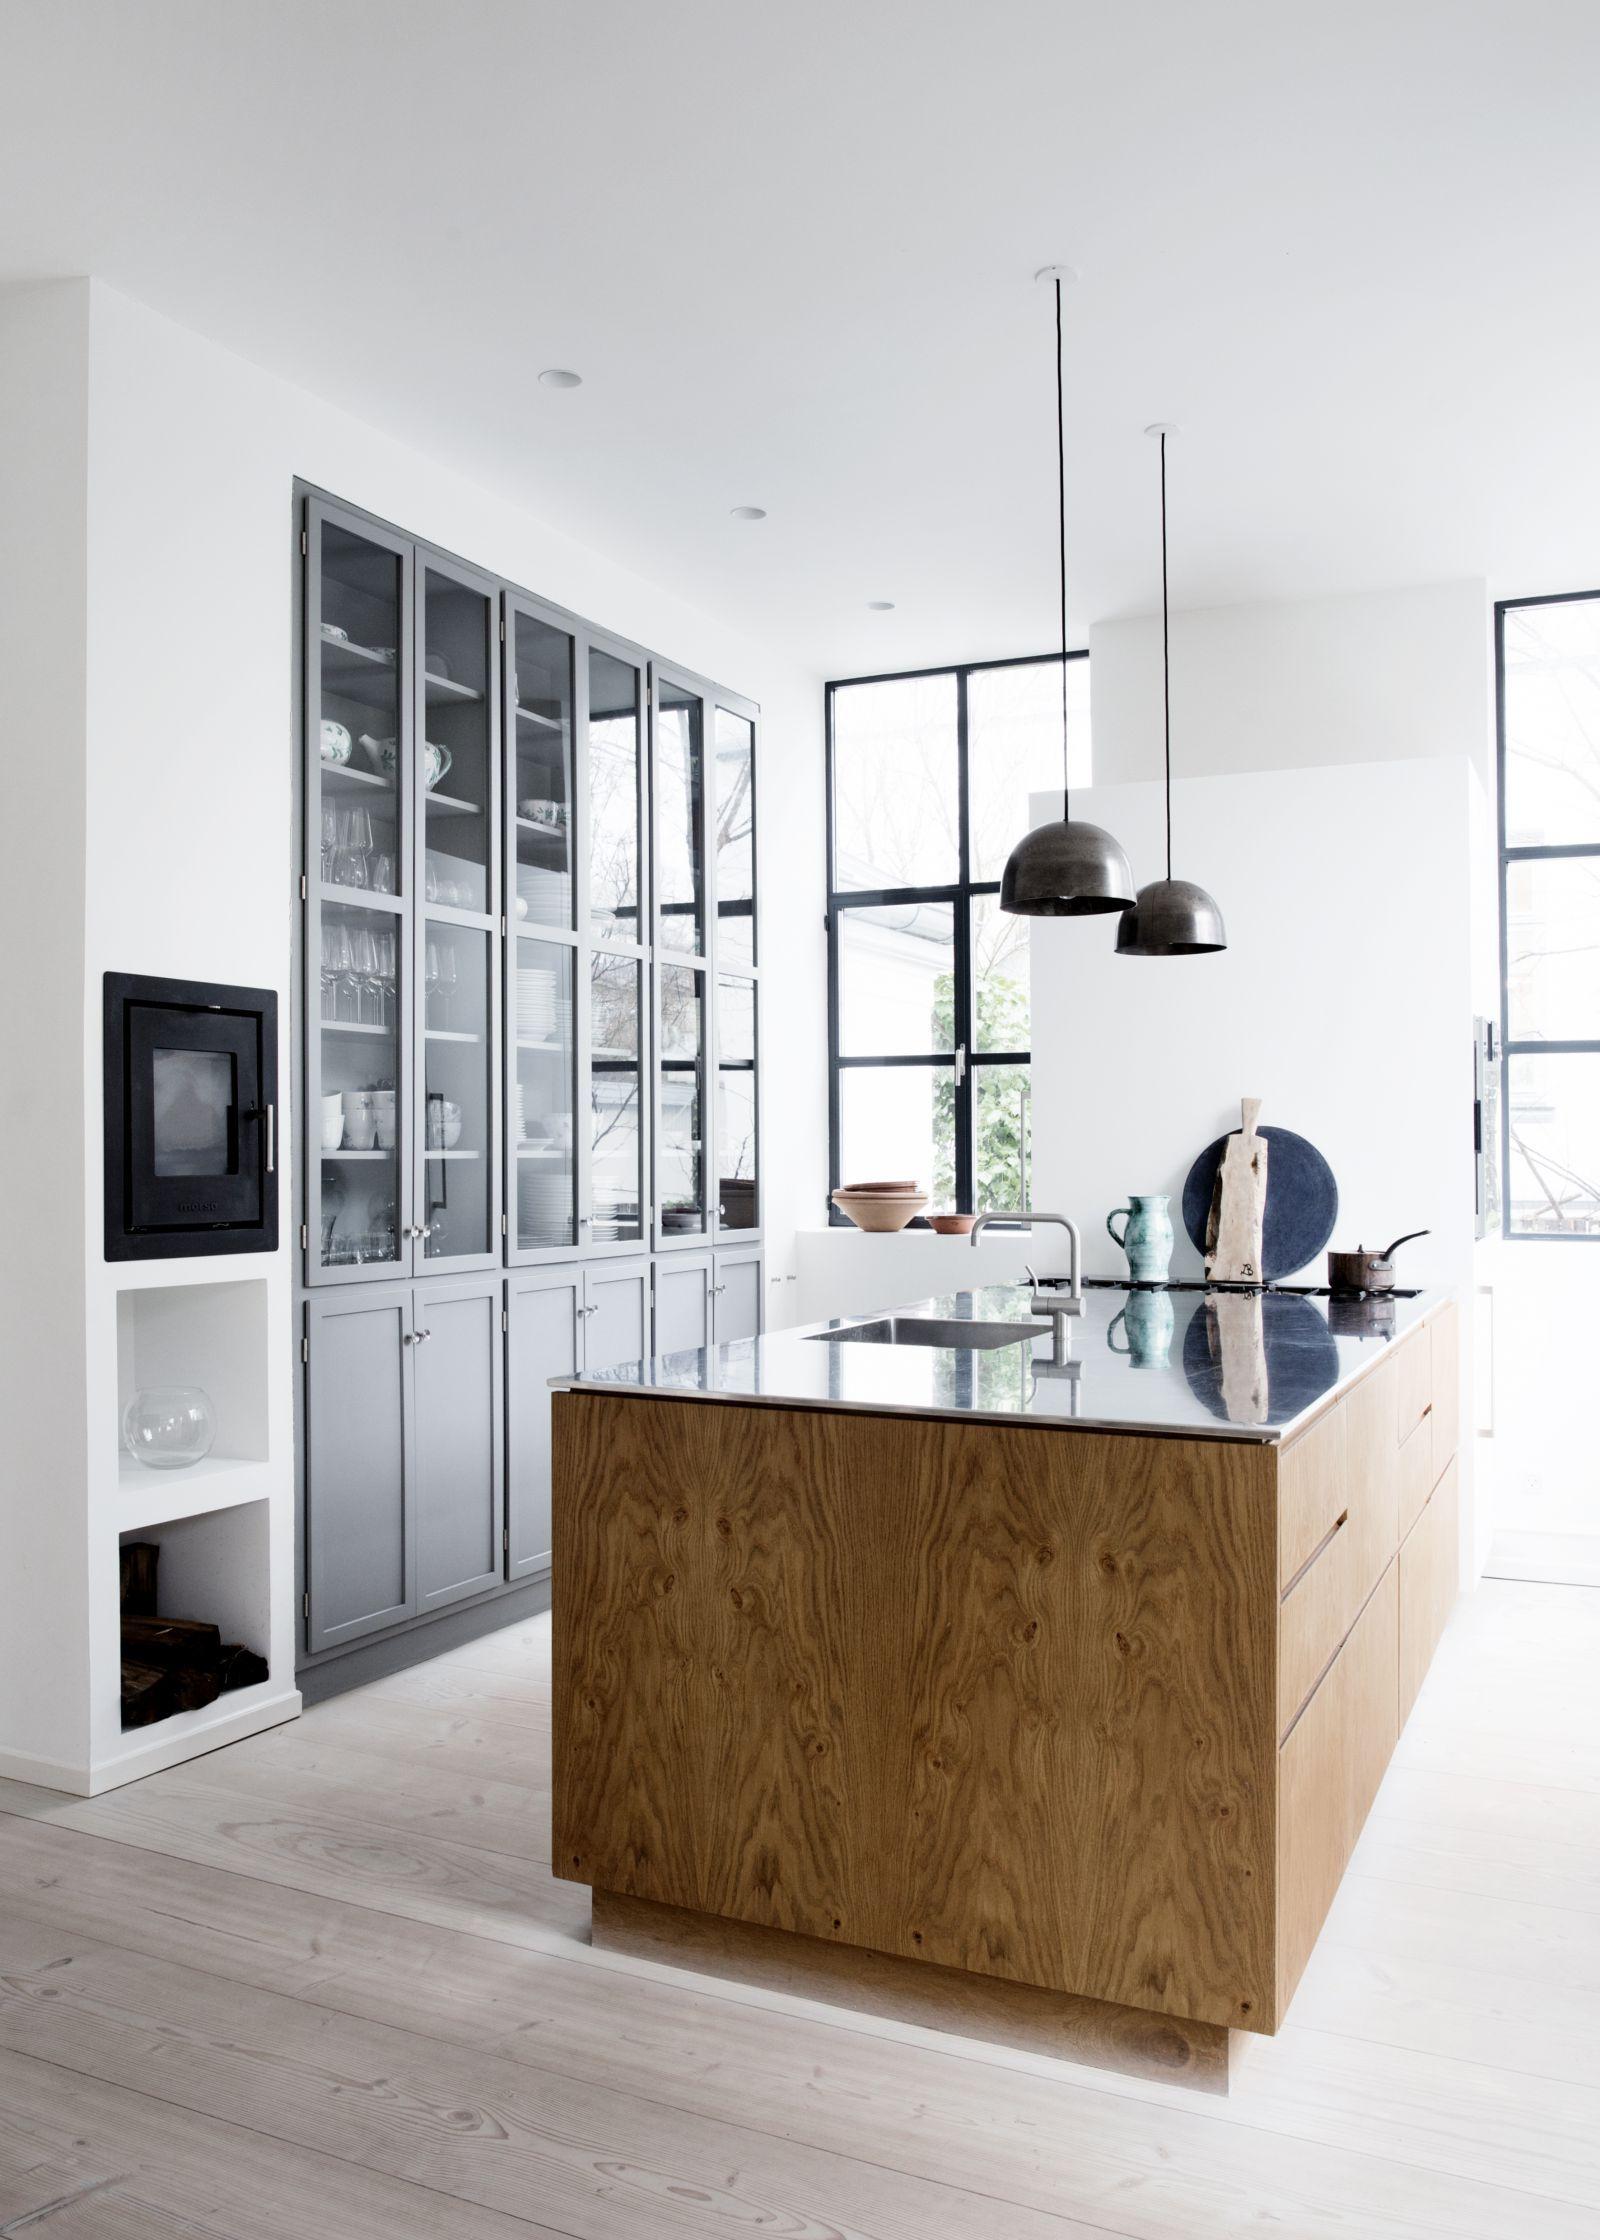 Ra house pinterest gray kitchens kitchens and kitchen